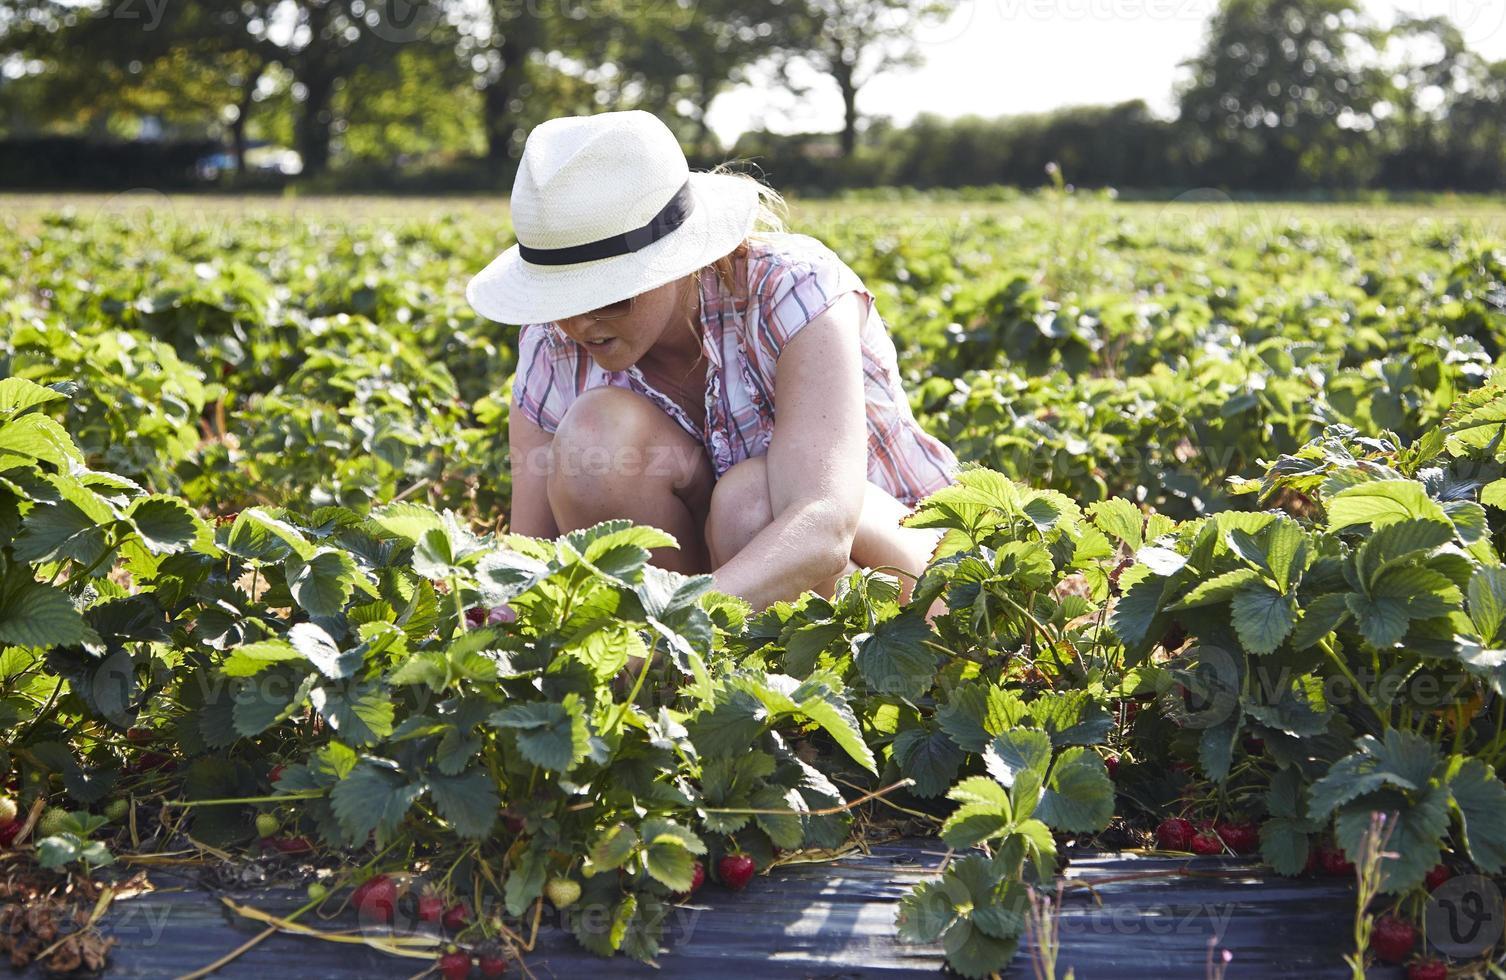 Frau, die Erdbeeren in einem Feld pflückt foto